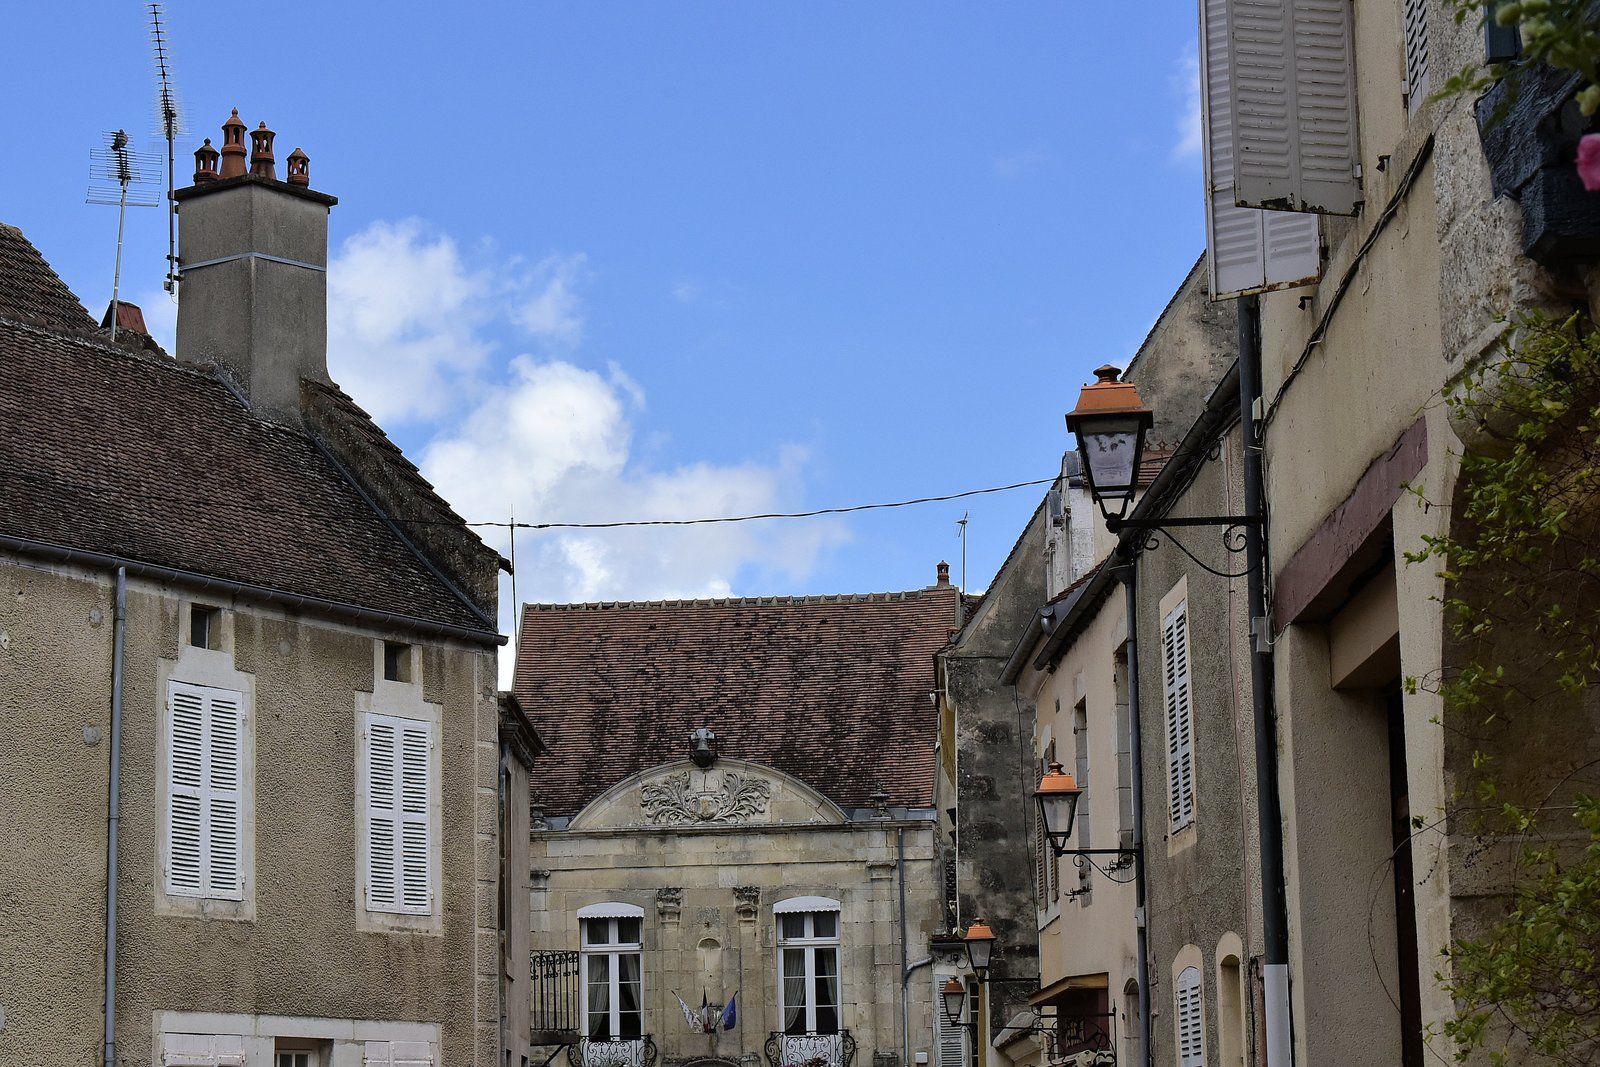 La mairie de Noyers-sur-Serein. L'édifice est inscrit au titre des monuments historiques en 1926.